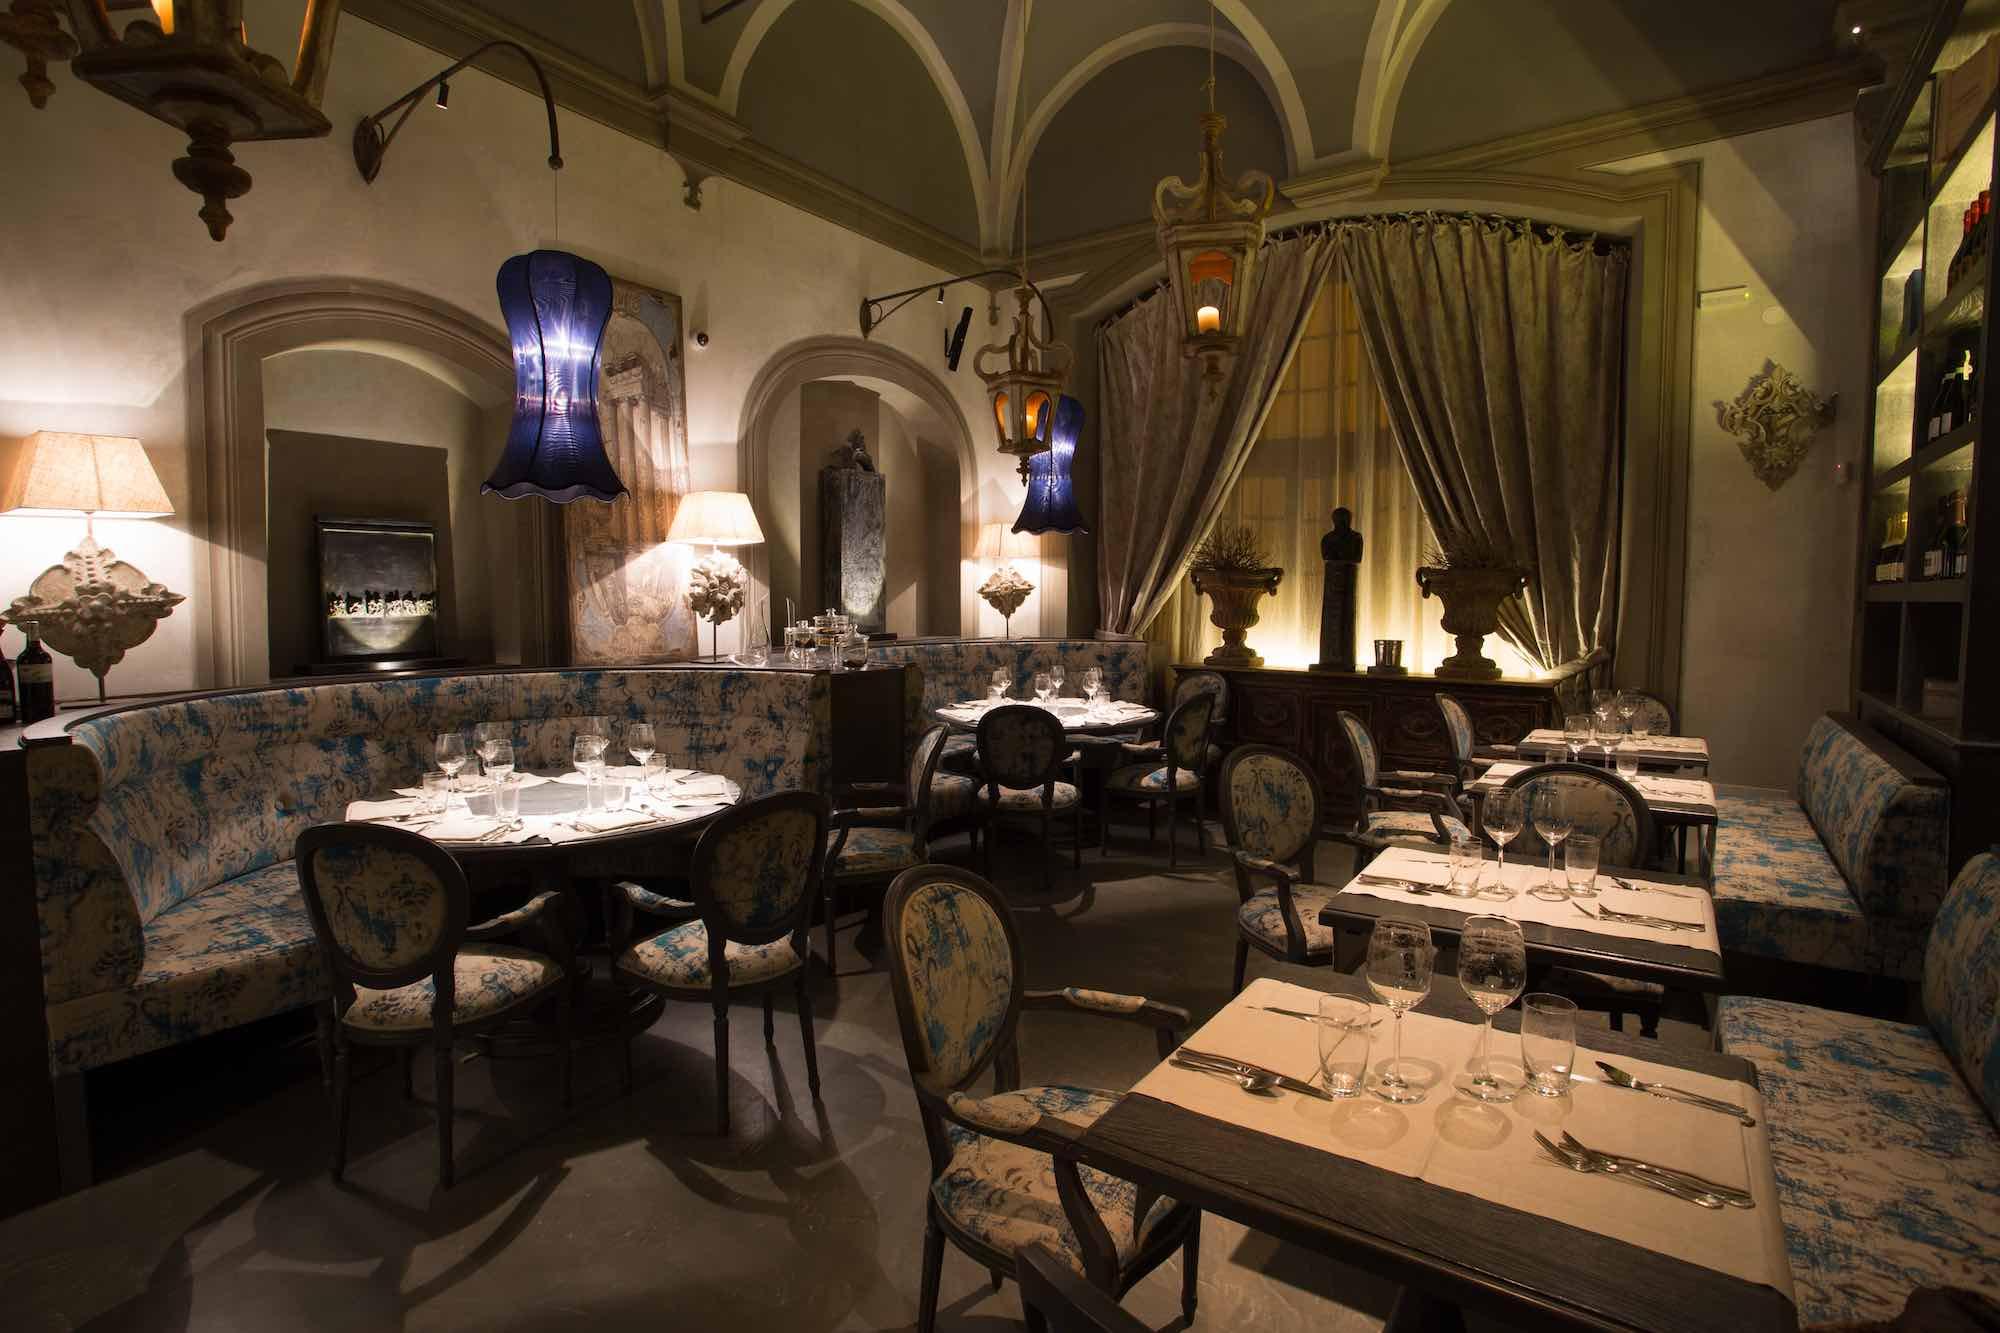 Il Locale è un ristorante di lusso a Firenze per un'indimenticabile cena di Capodanno